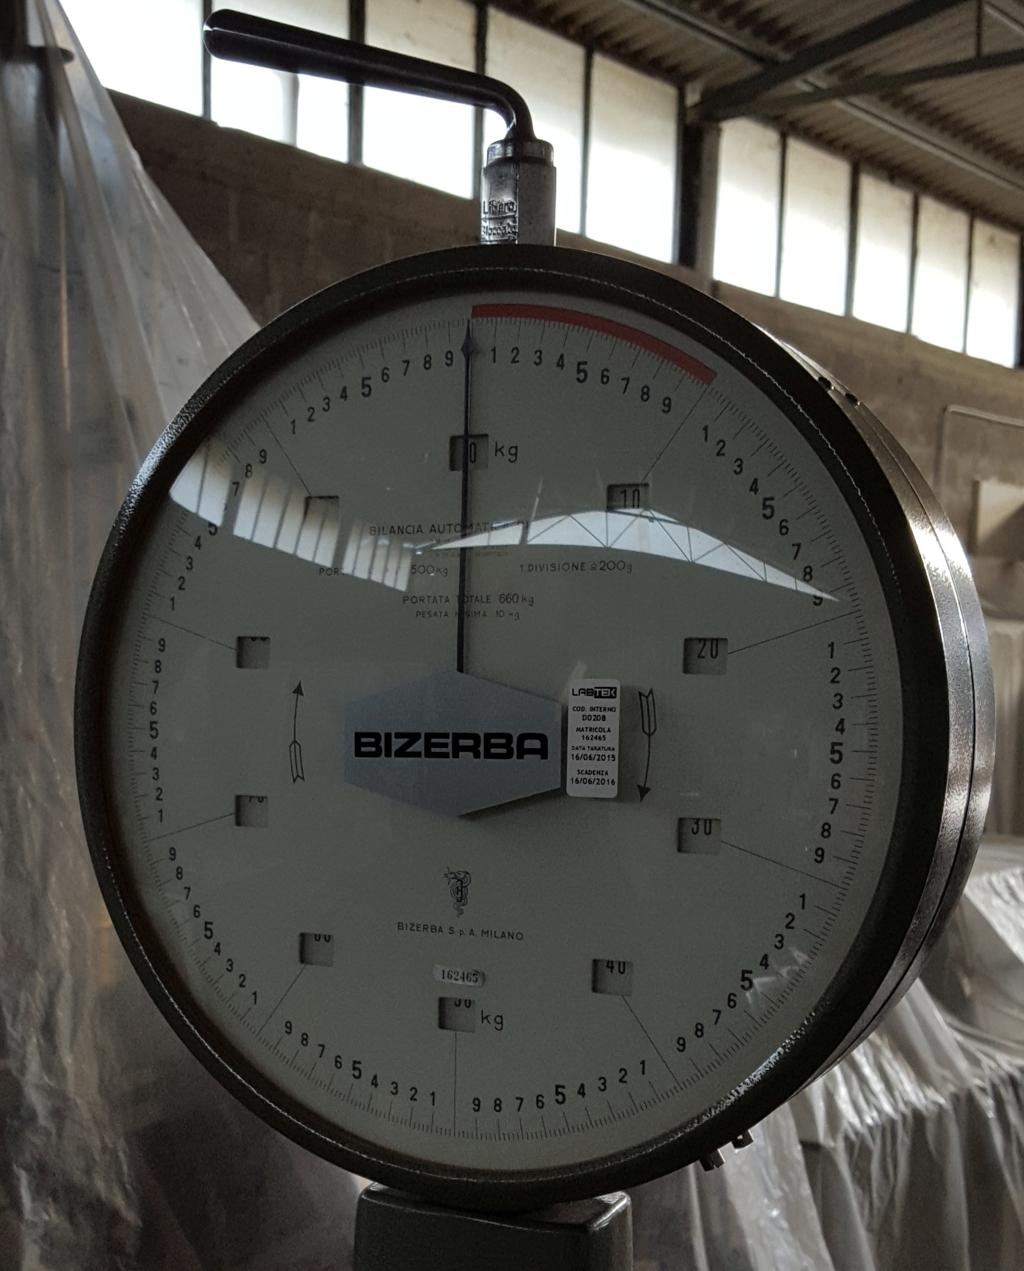 BILANCIA DA PAVIMENTO – BIZERBA (COD. MF-PK-BIL-52) in vendita - foto 3